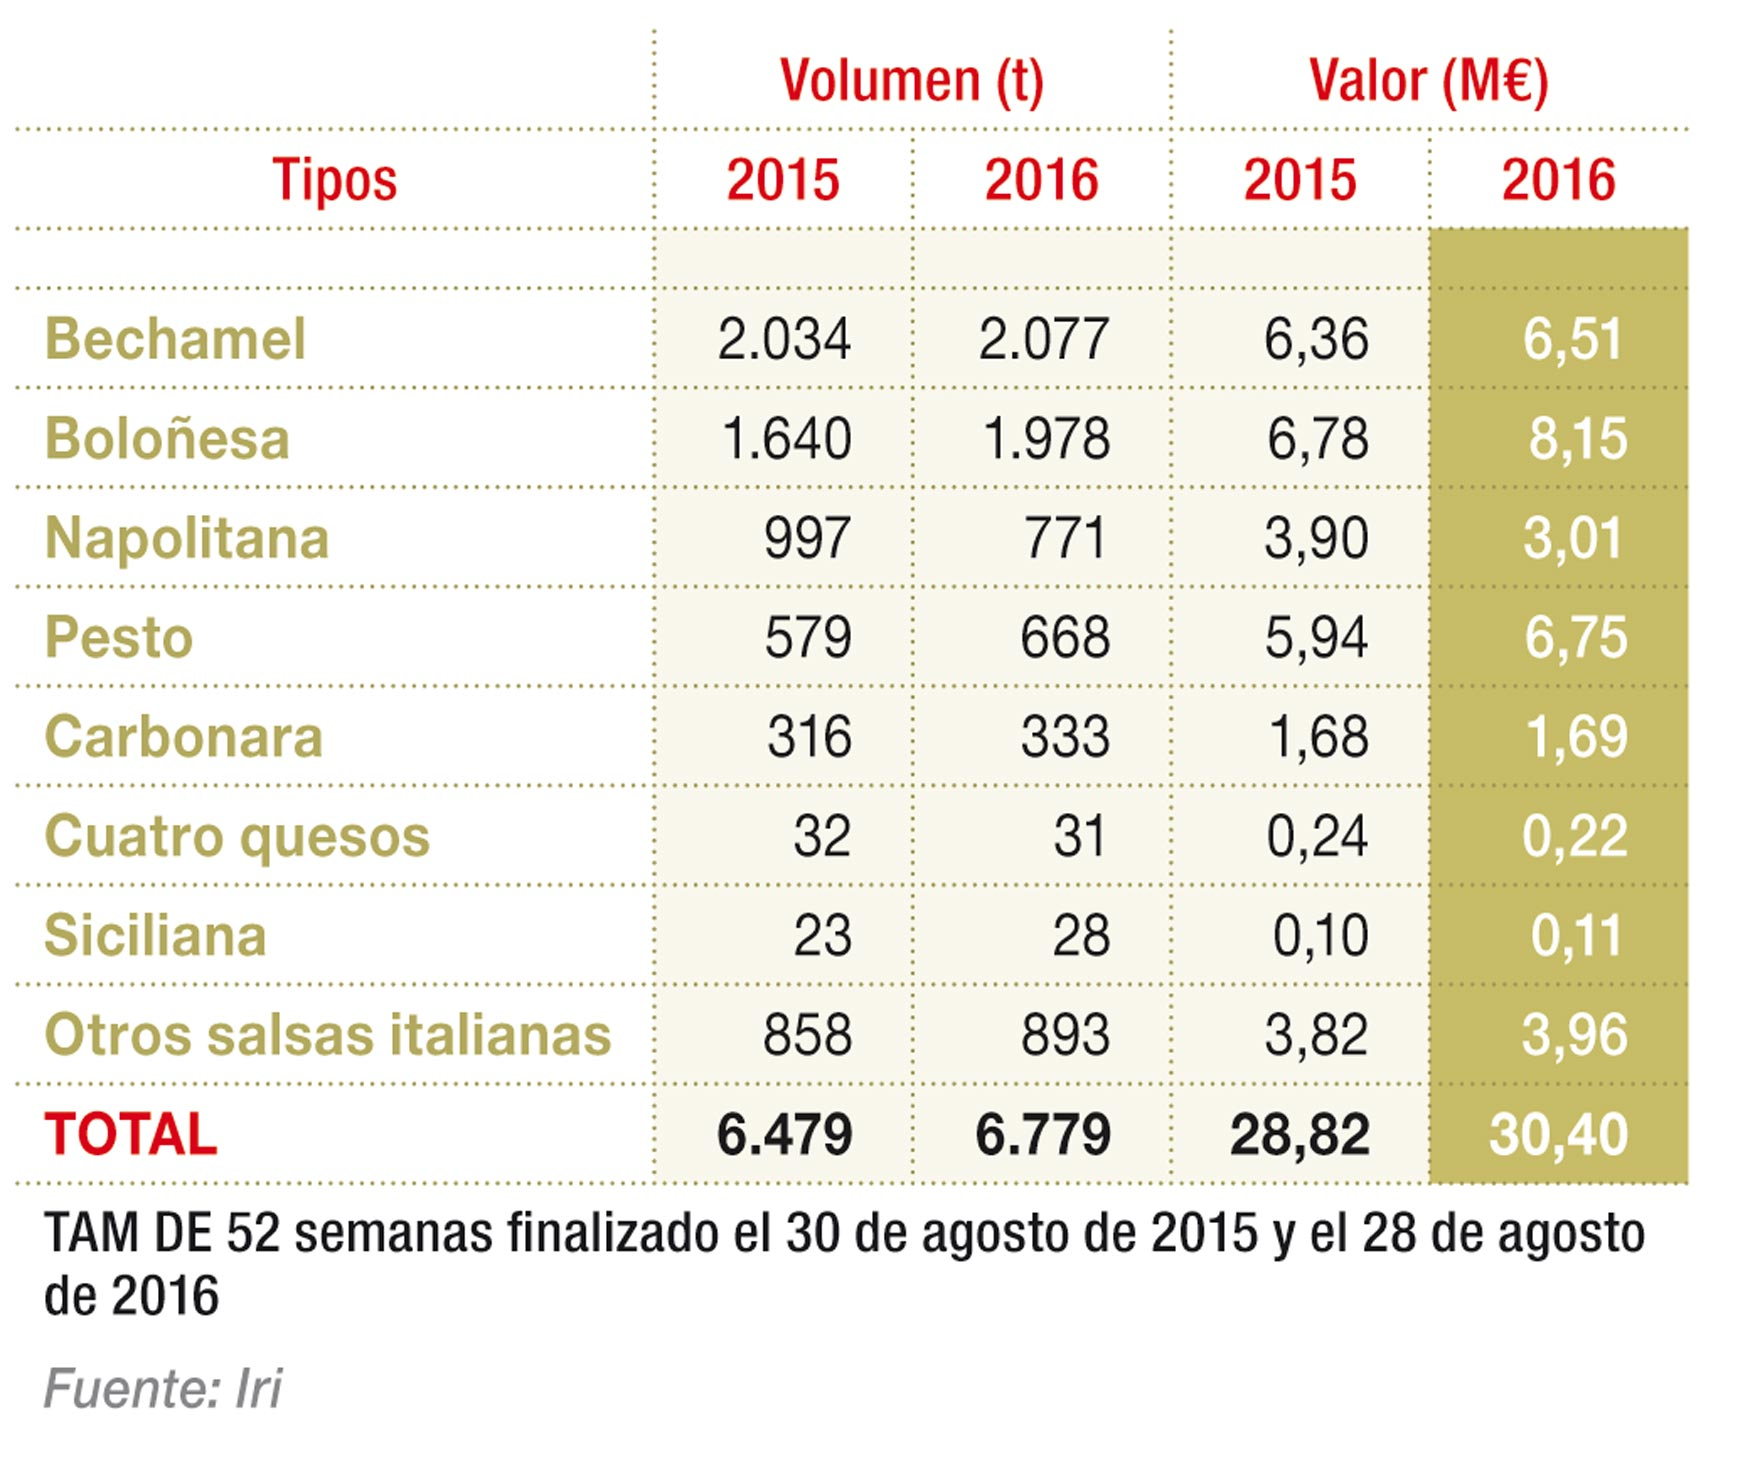 Segmentación del mercado de salsas ambiente para pasta por tipos